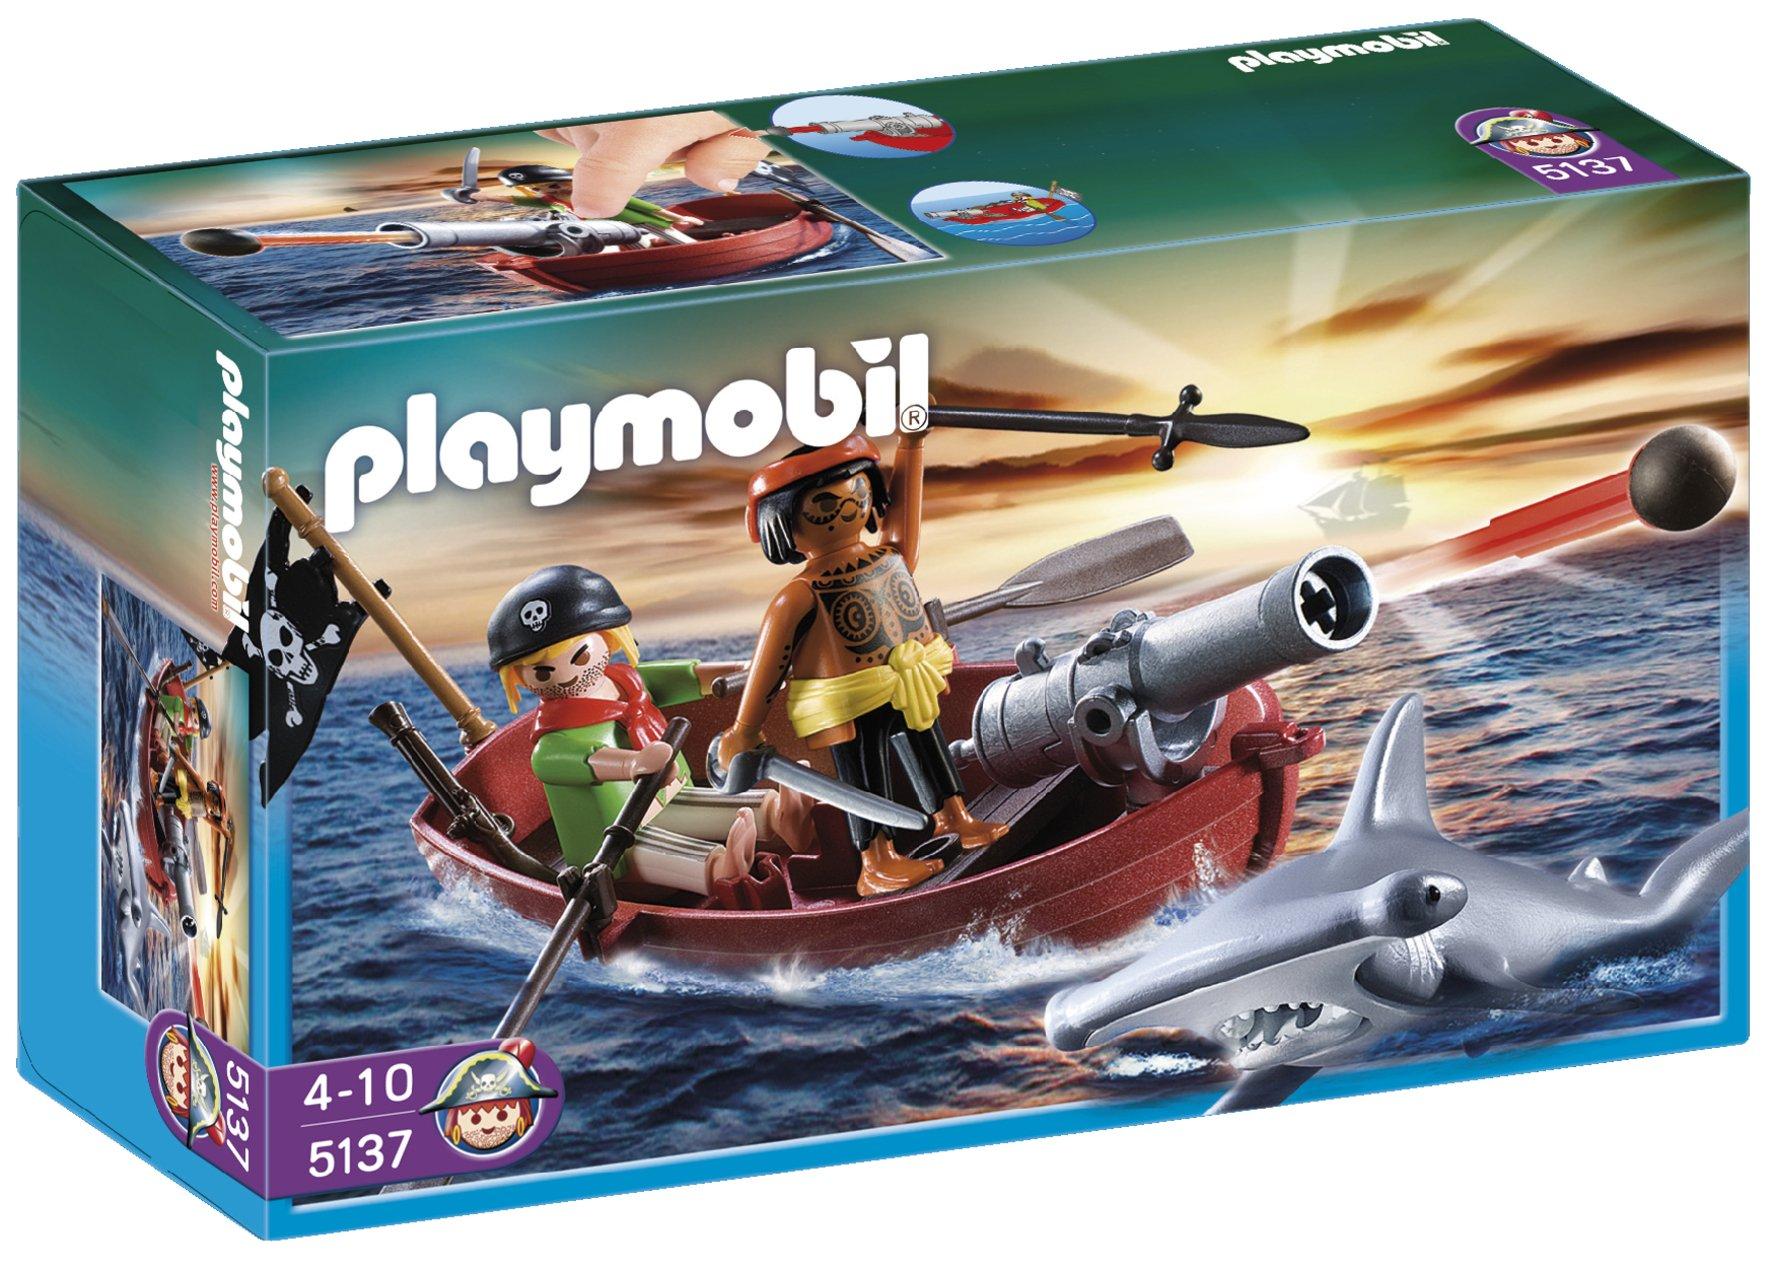 PLAYMOBIL - Bote Pirata con tiburón (5137): Amazon.es: Juguetes y juegos